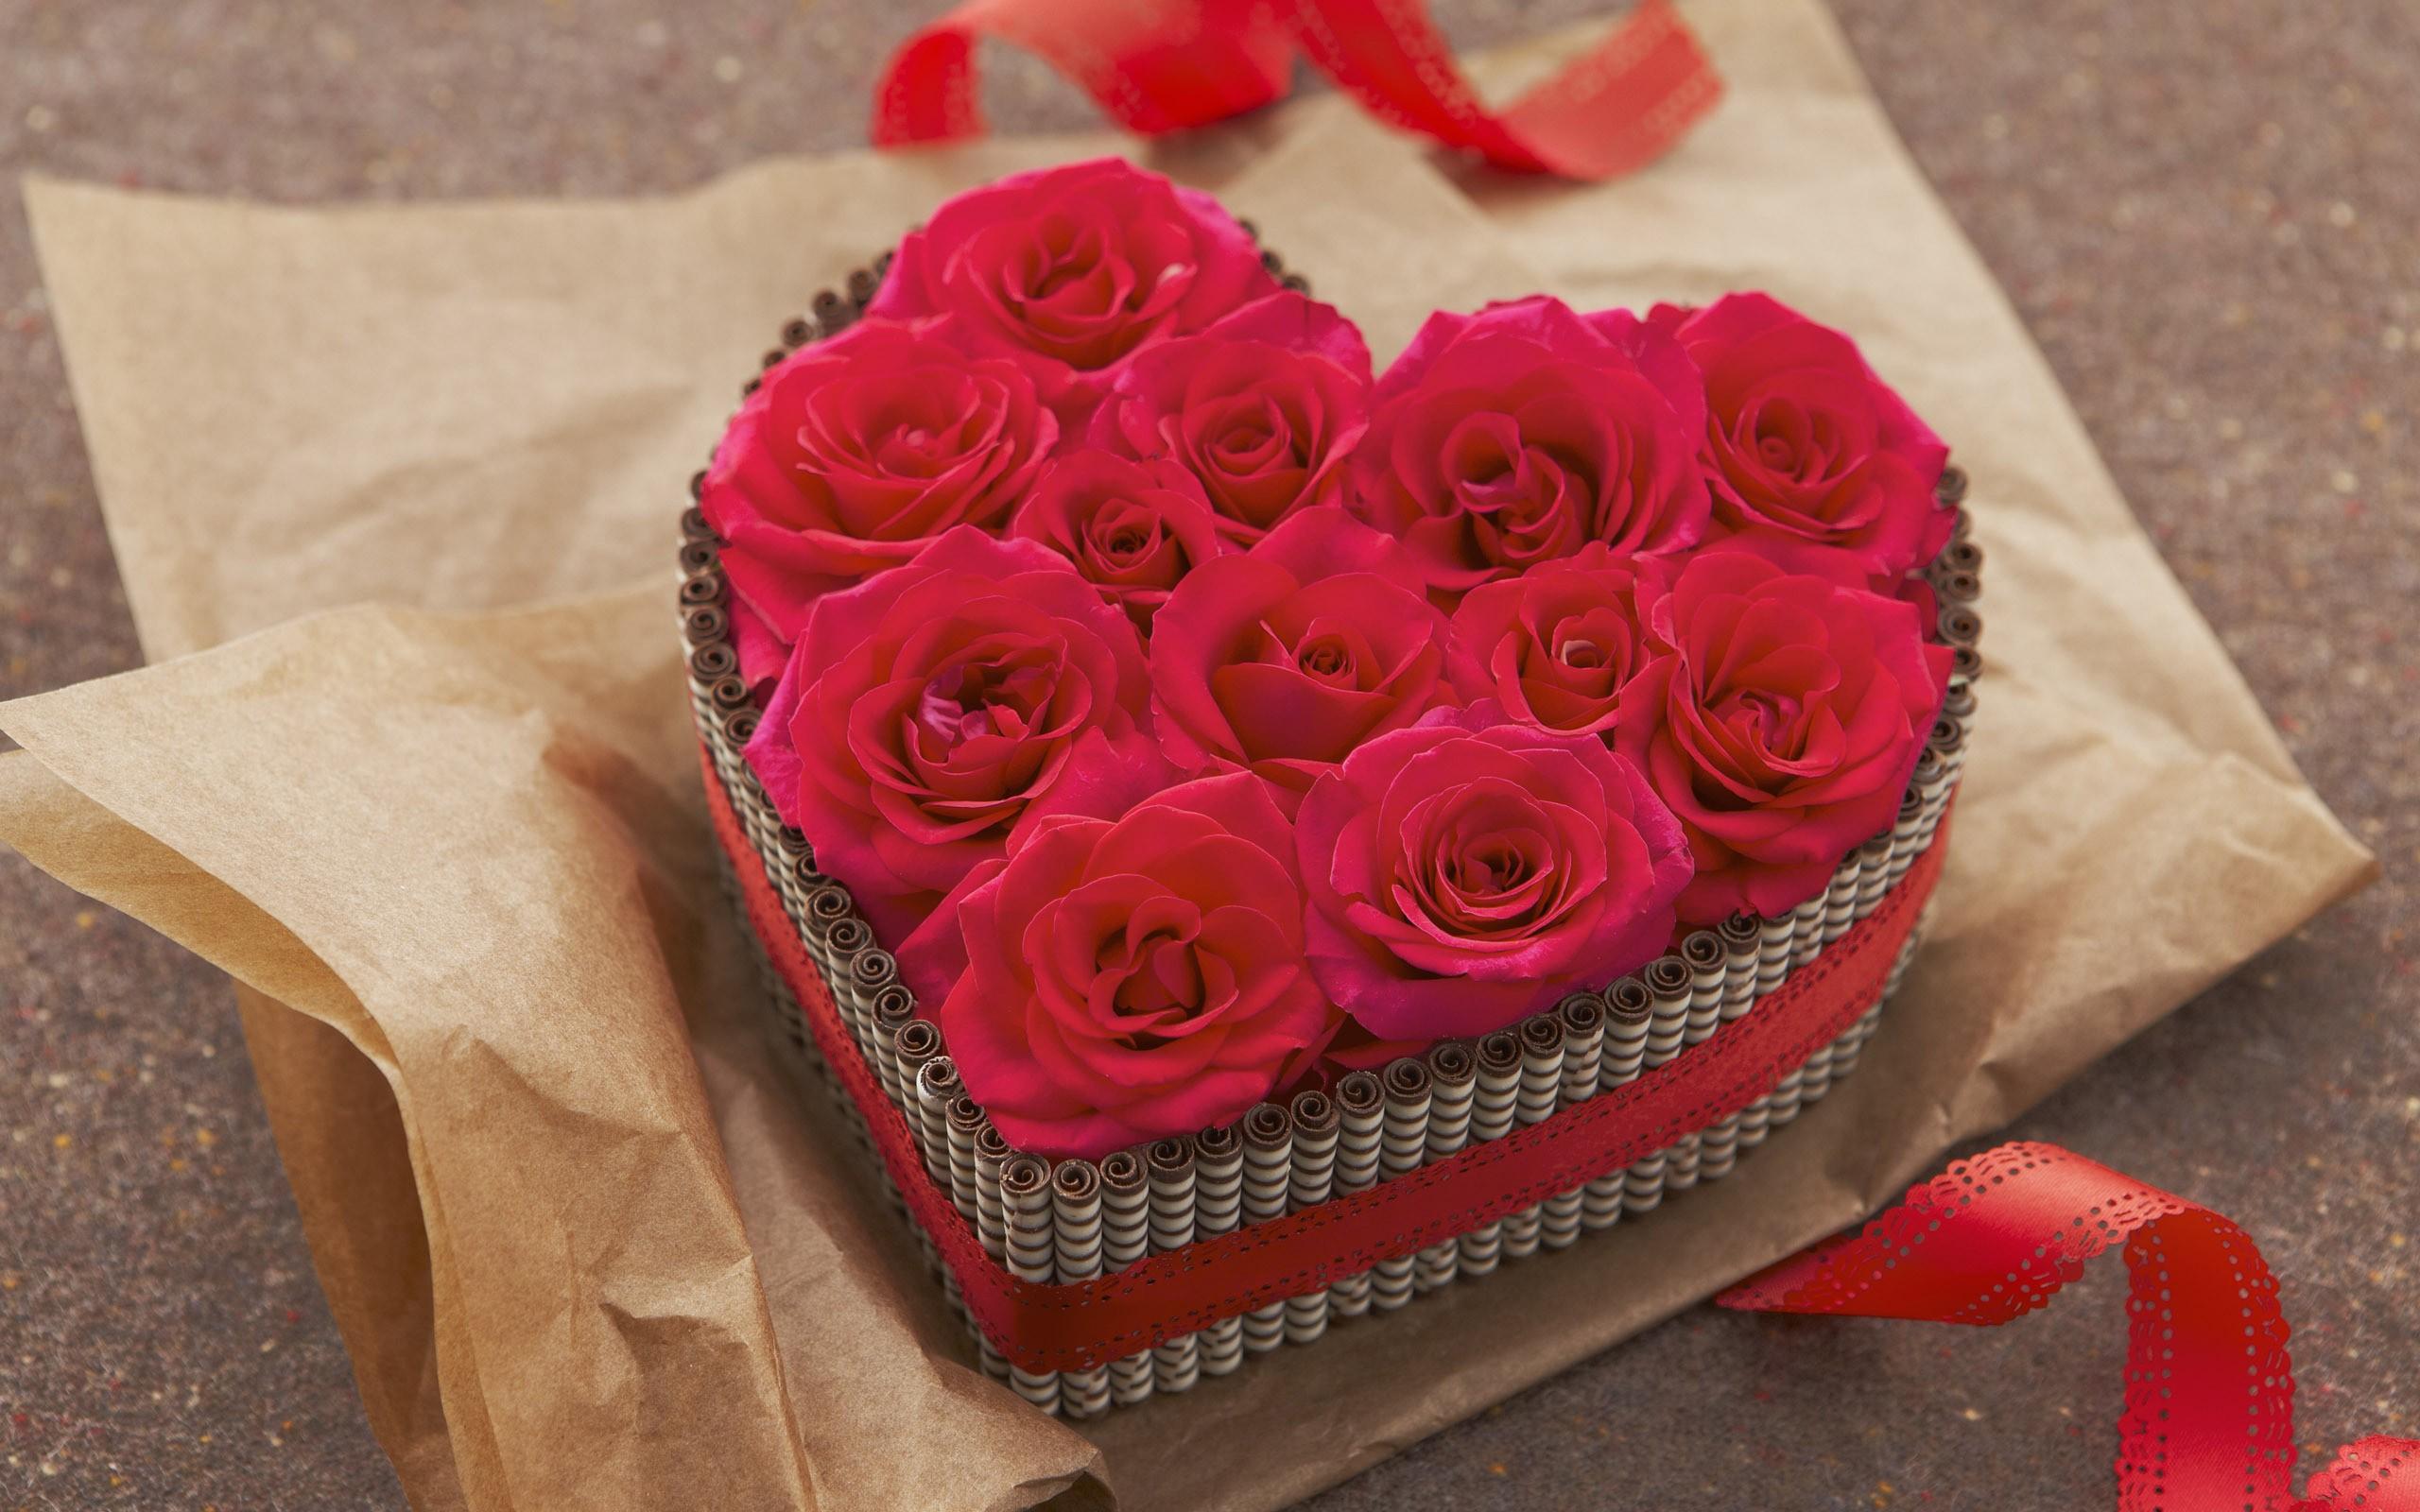 Regalo de rosas y corazones - 2560x1600